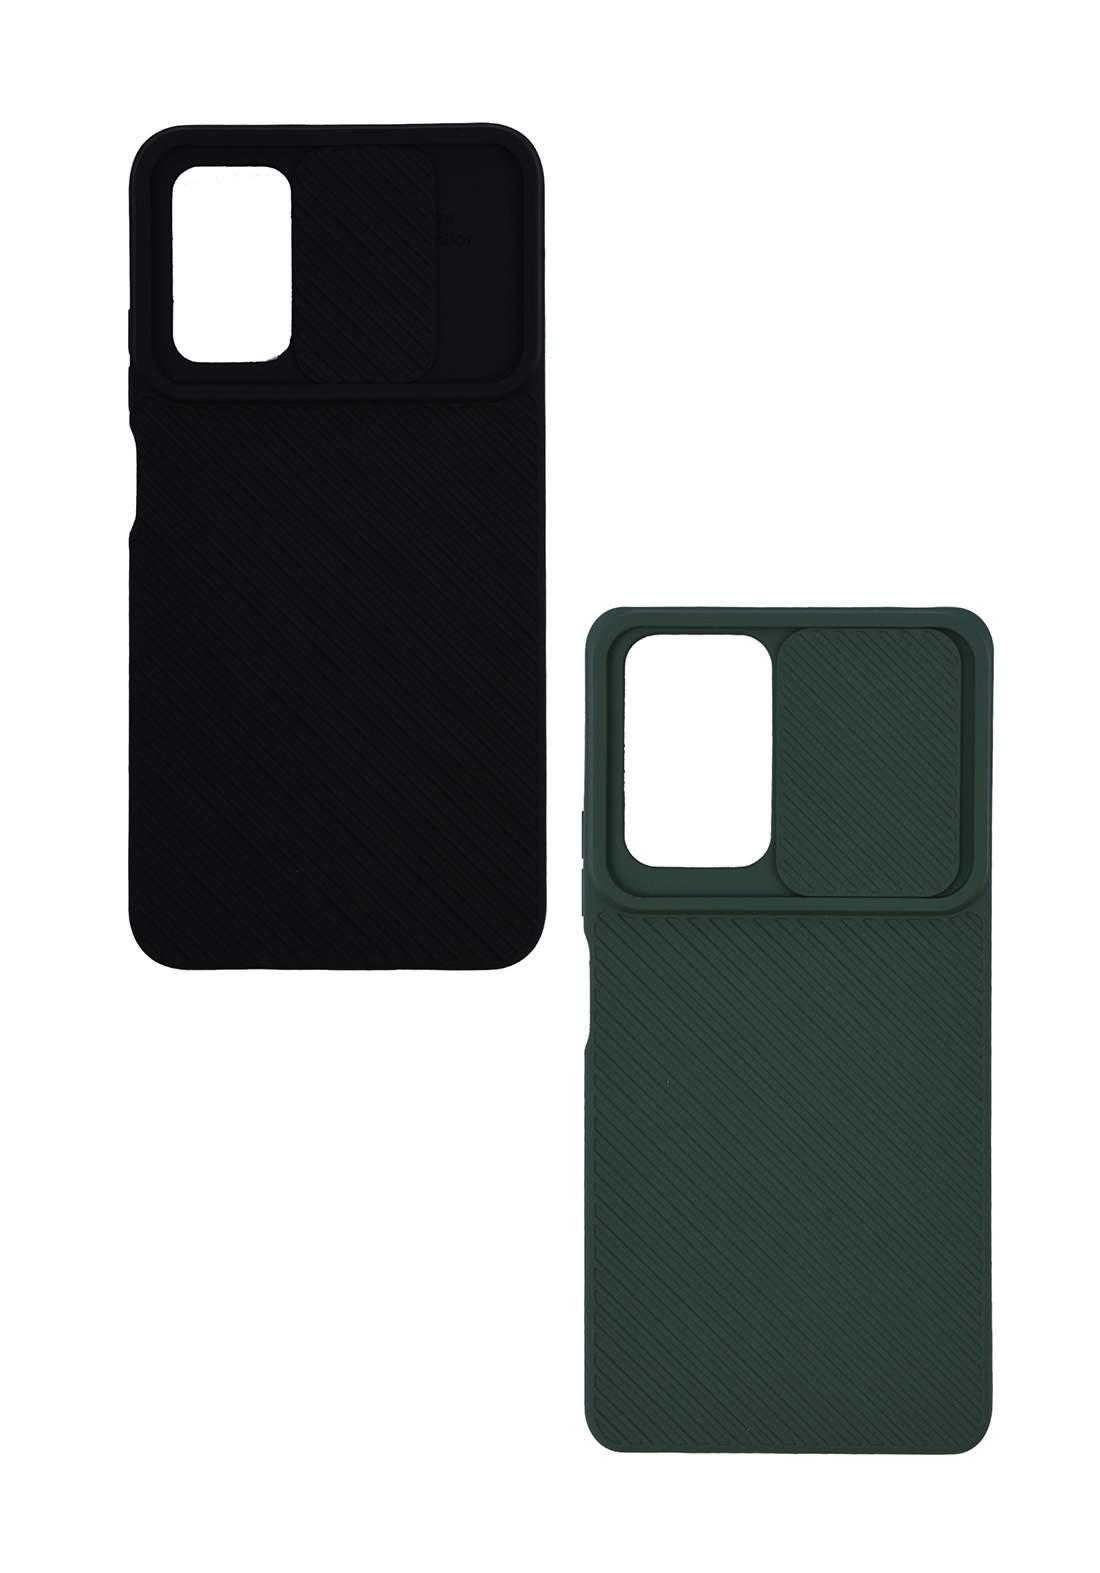 Protective Cover For Redmi Note 10 Pro Max Silicon Case حافظة موبايل